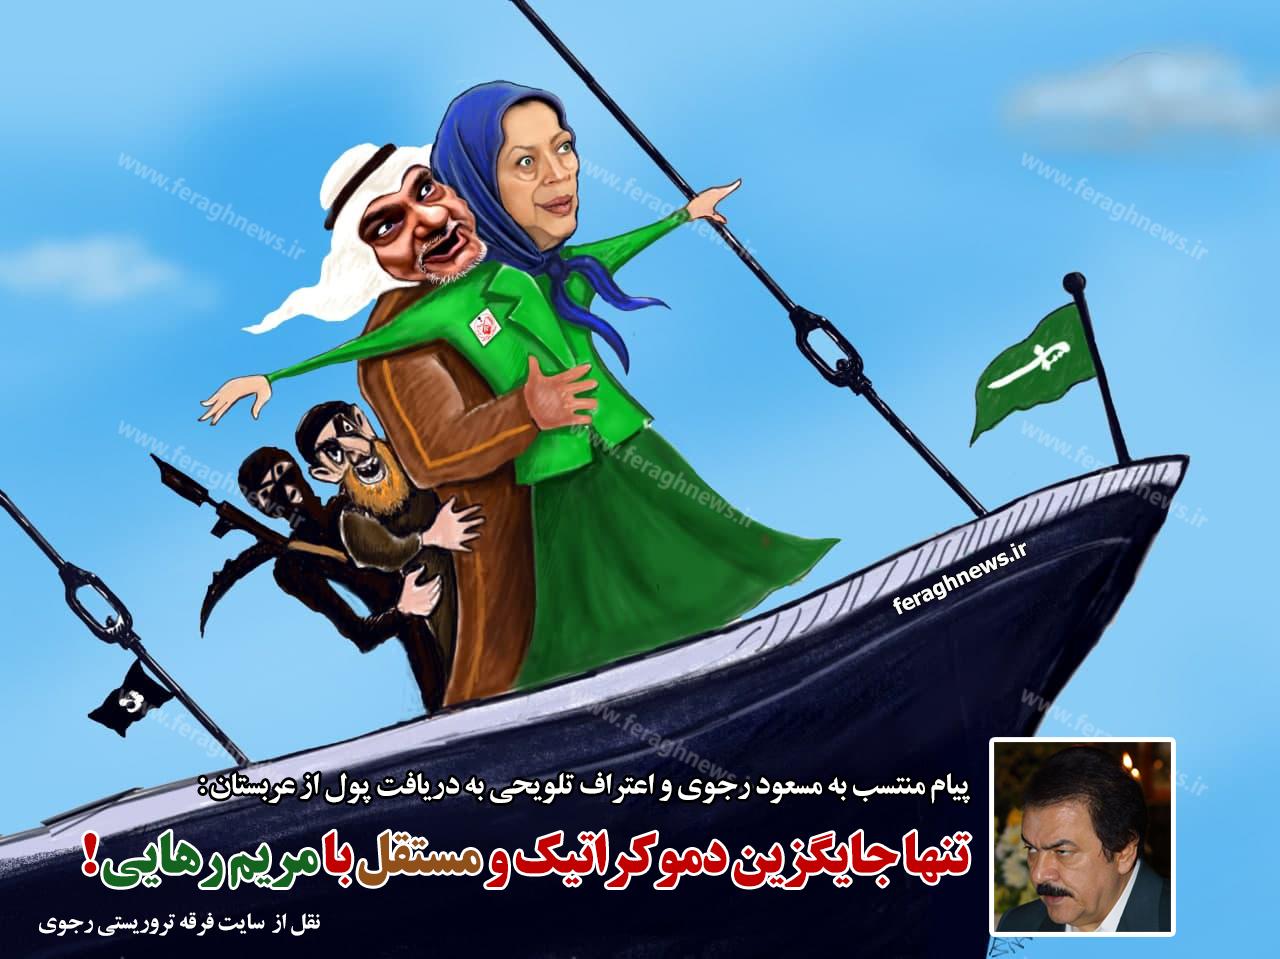 کاریکاتور/ پیام منتسب به مسعود رجوی و اعتراف تلویحی به دریافت پول از عربستان: تنها جایگزین دموکراتیک و مستقل با مریم رهایی!